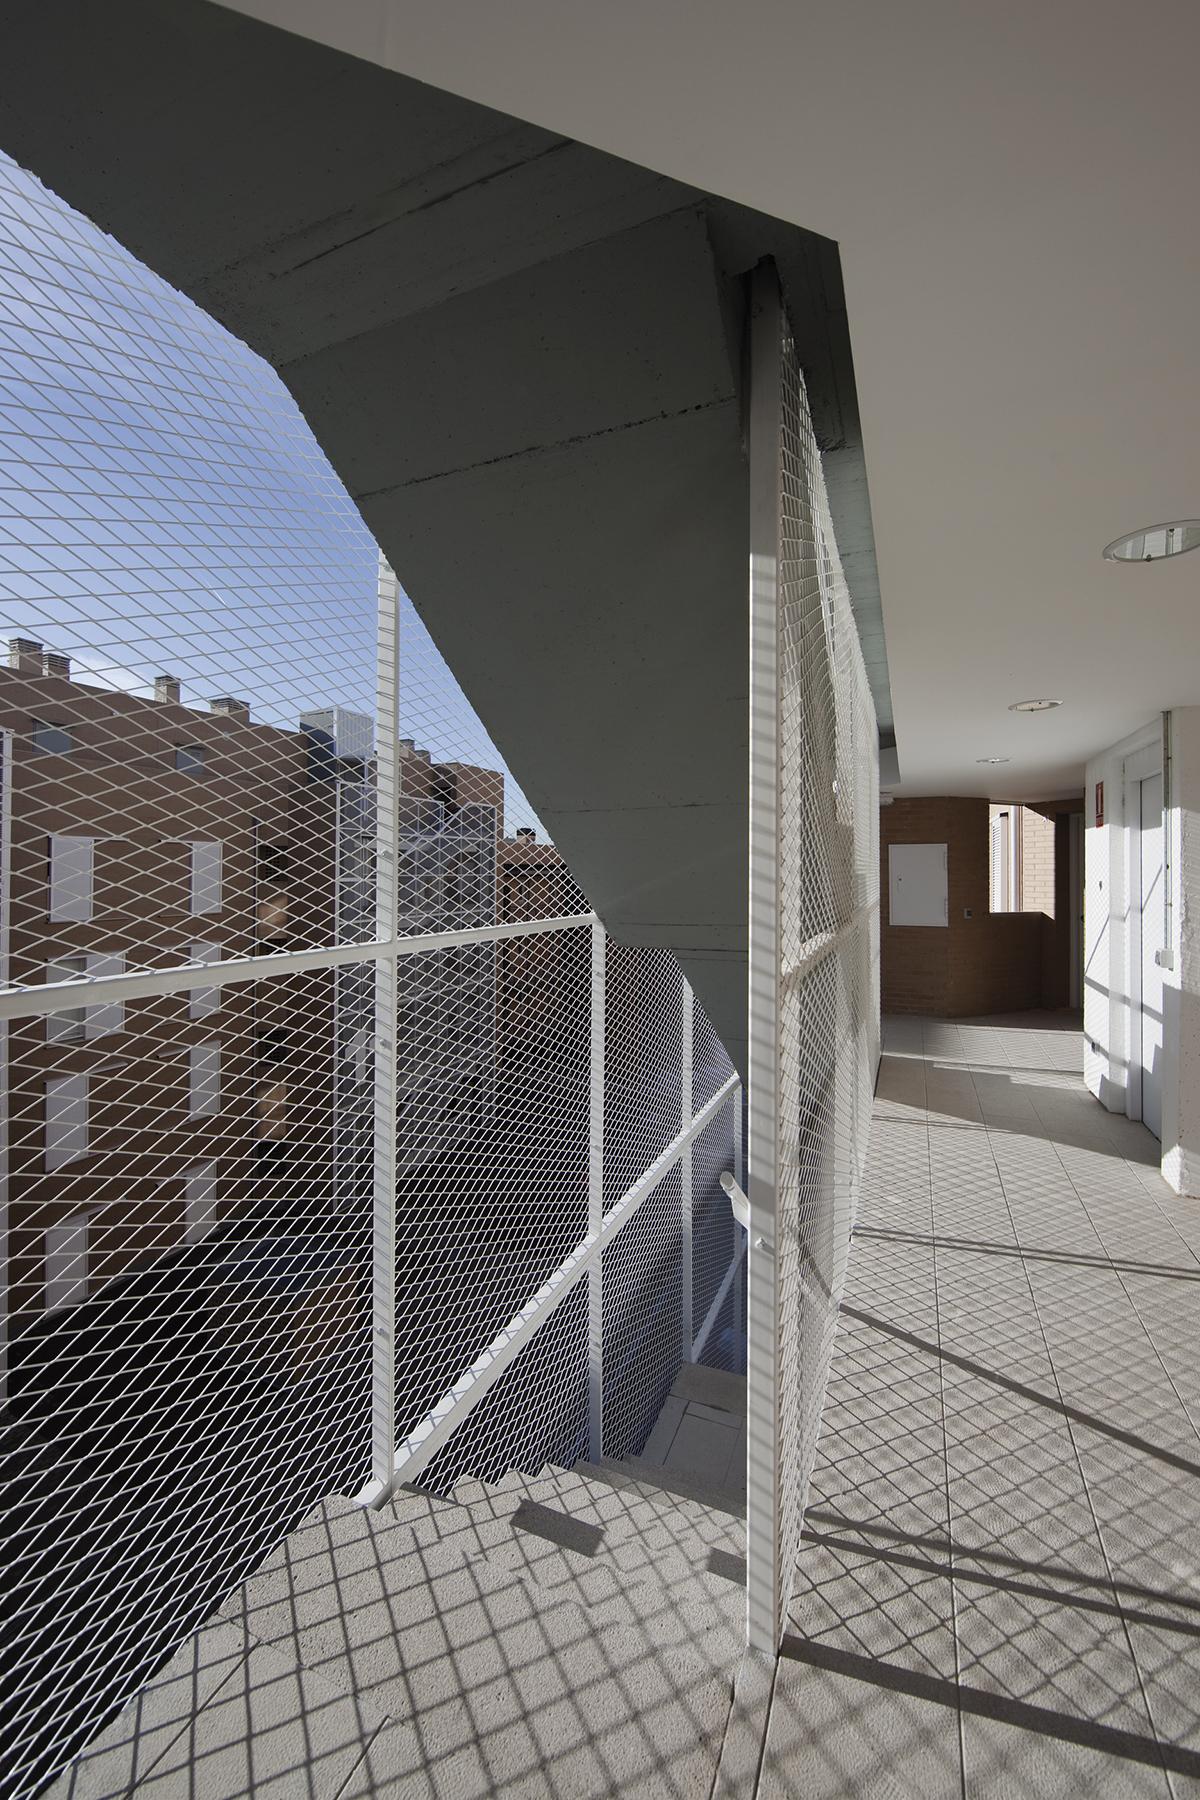 100 viviendas de protección oficial   Imagen de proyecto7